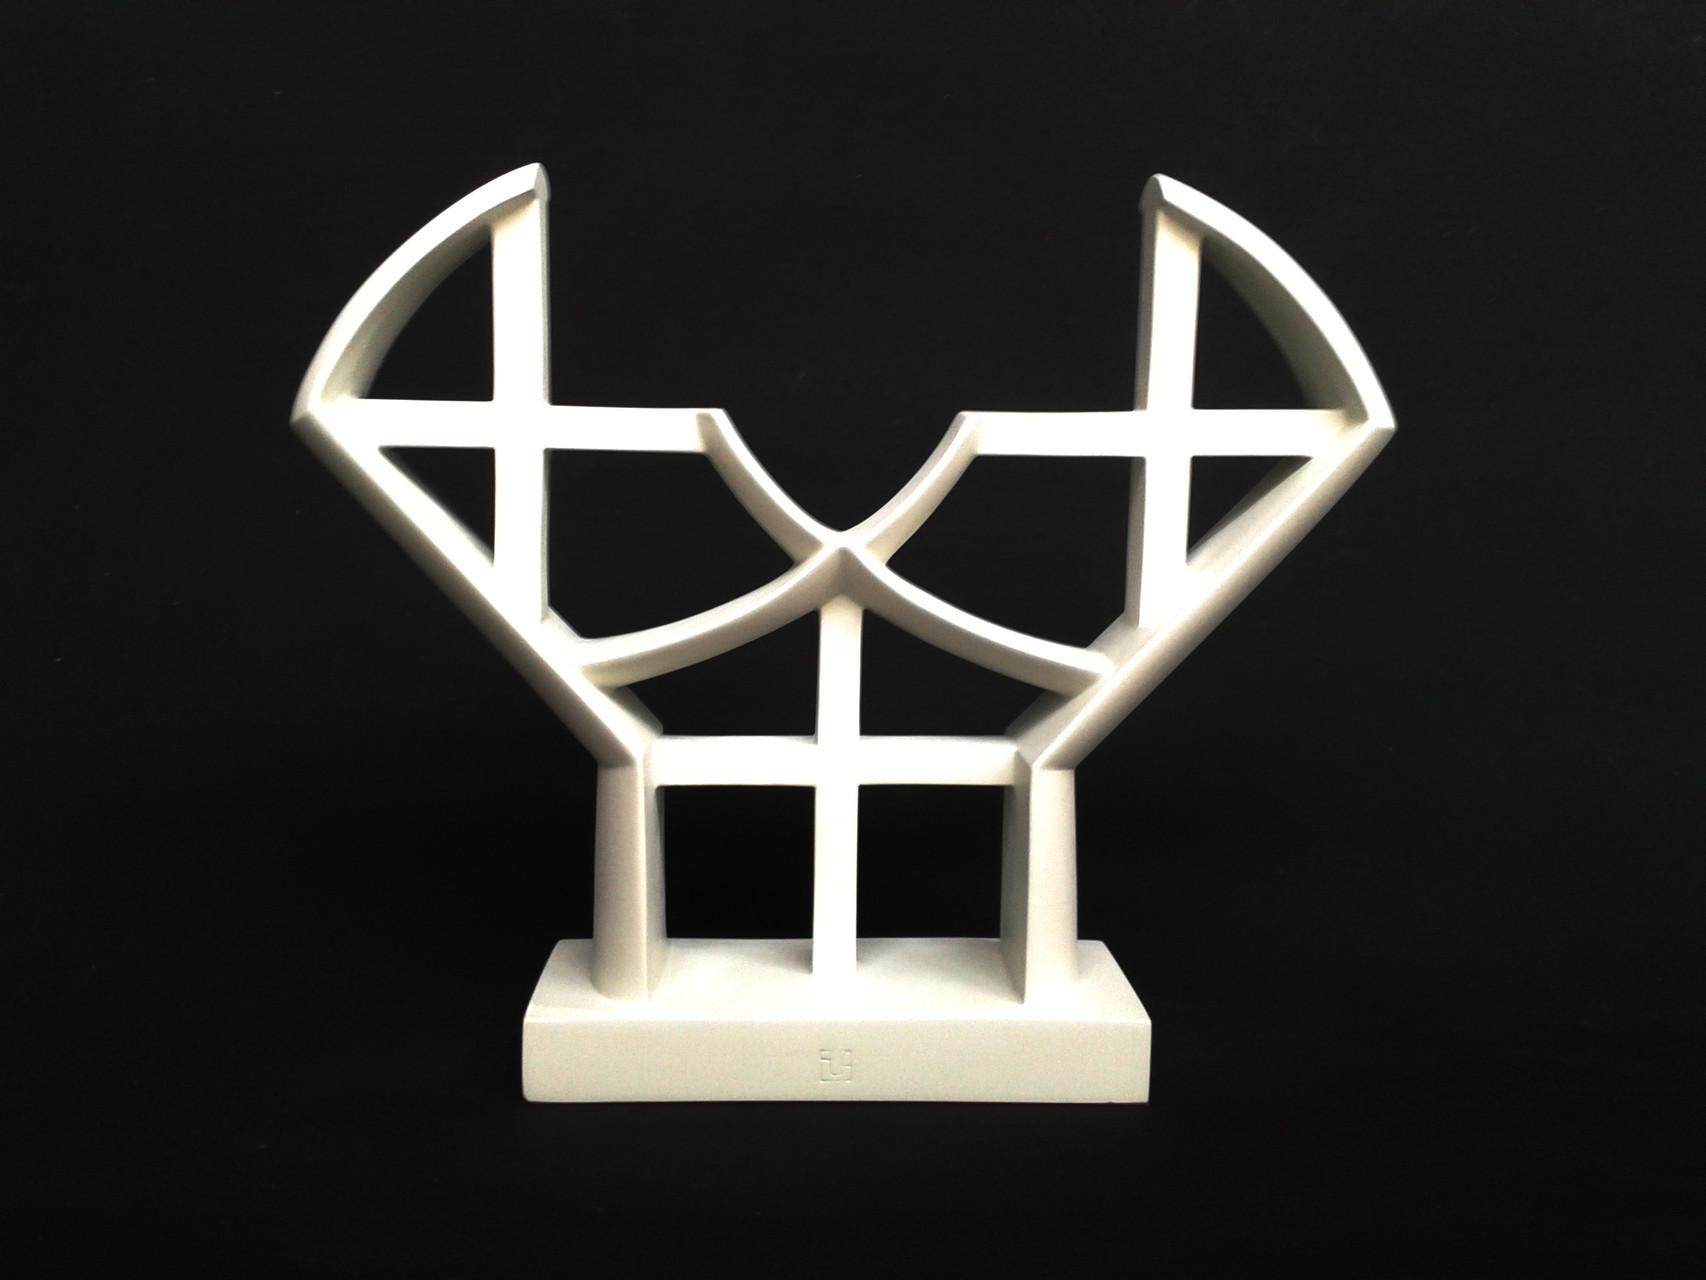 A+G 11. 2012. 37 X 31,5 X 8,5 cm. Aluminio - Pintura electrostática